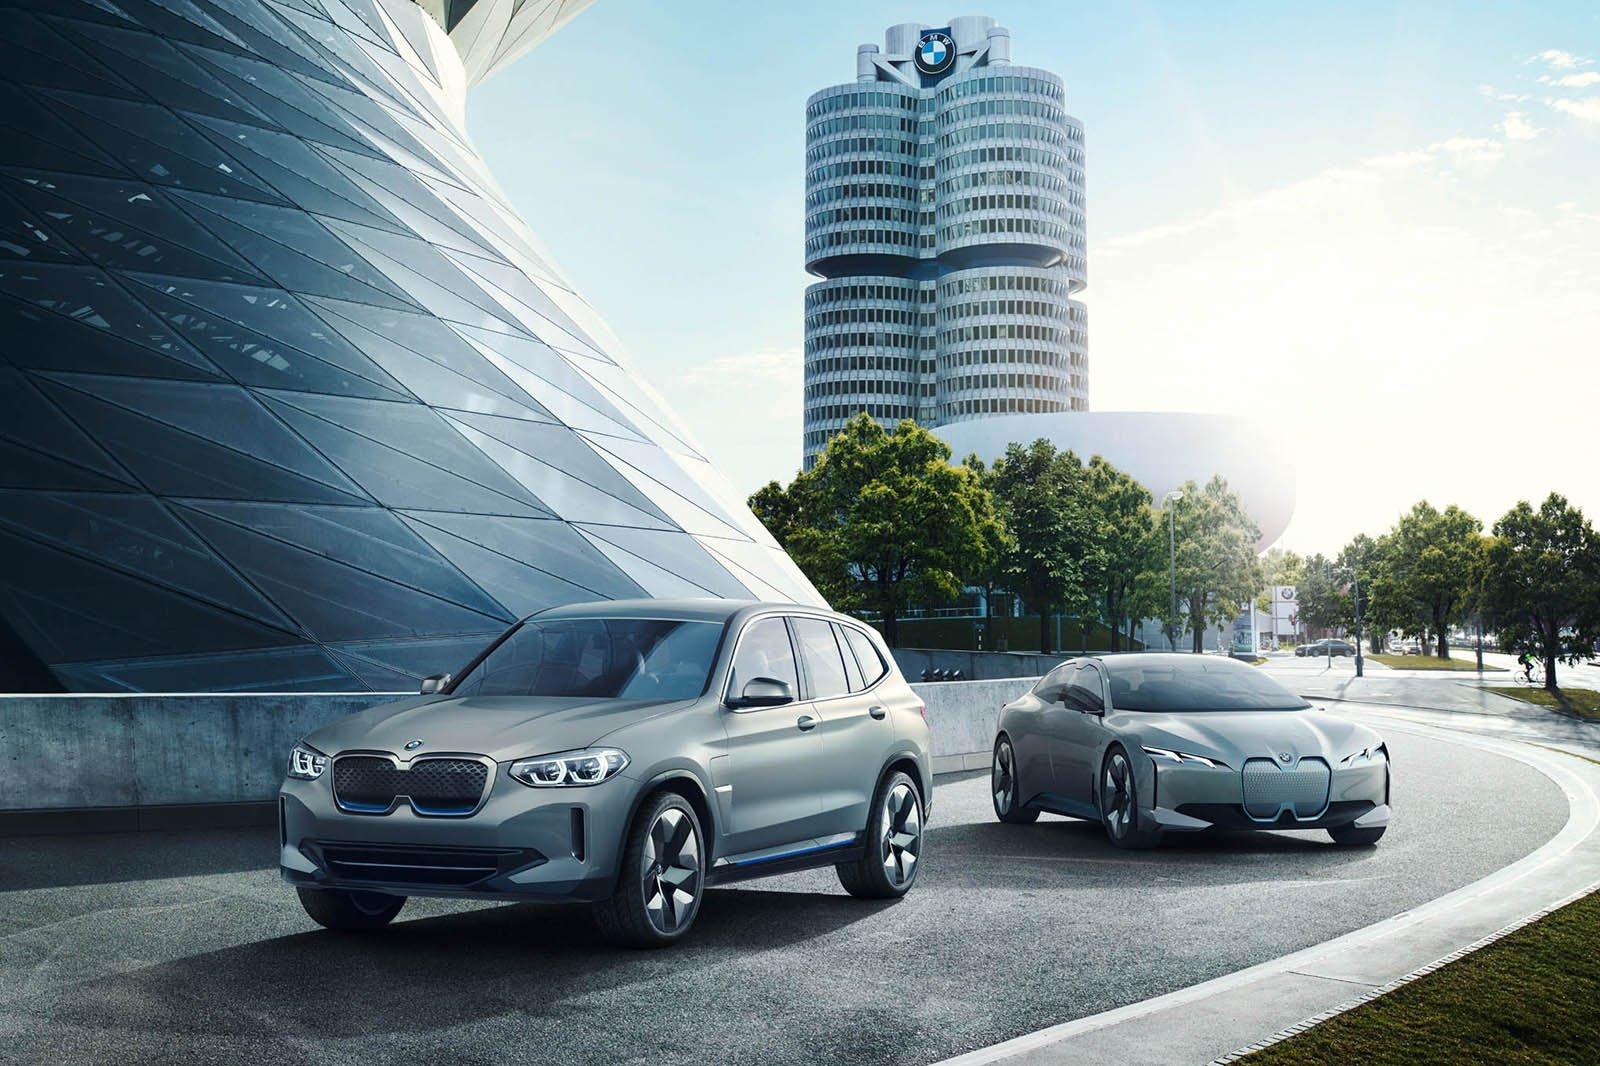 اتحاد انگلیسی آلمانی؛ جگوار لندرور و بی ام و برای توسعه خودروهای الکتریکی متحد میشوند